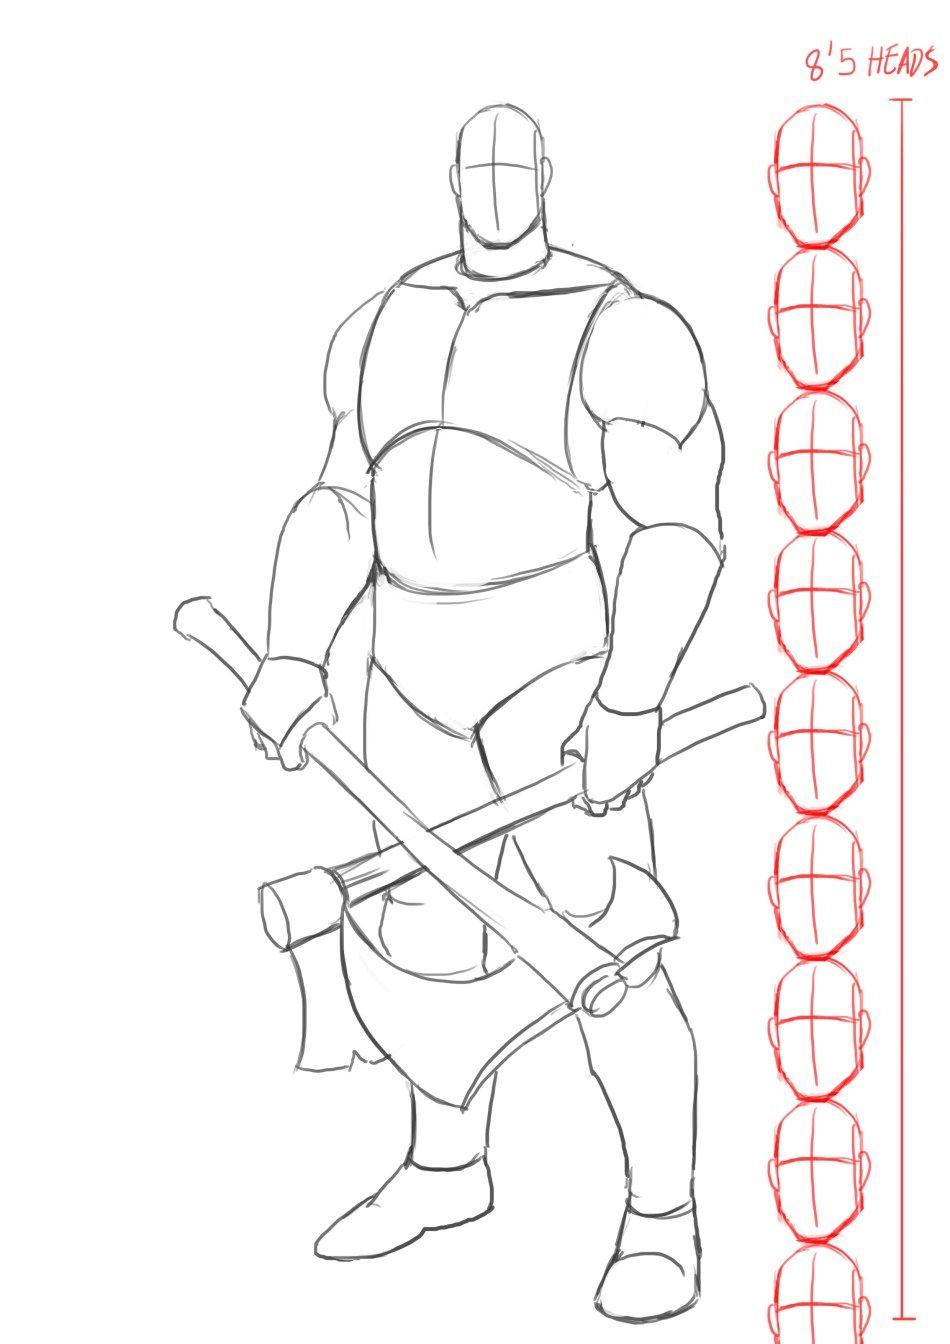 Improveyourdrawings Com Tutoriais De Desenho A Lapis Kratos